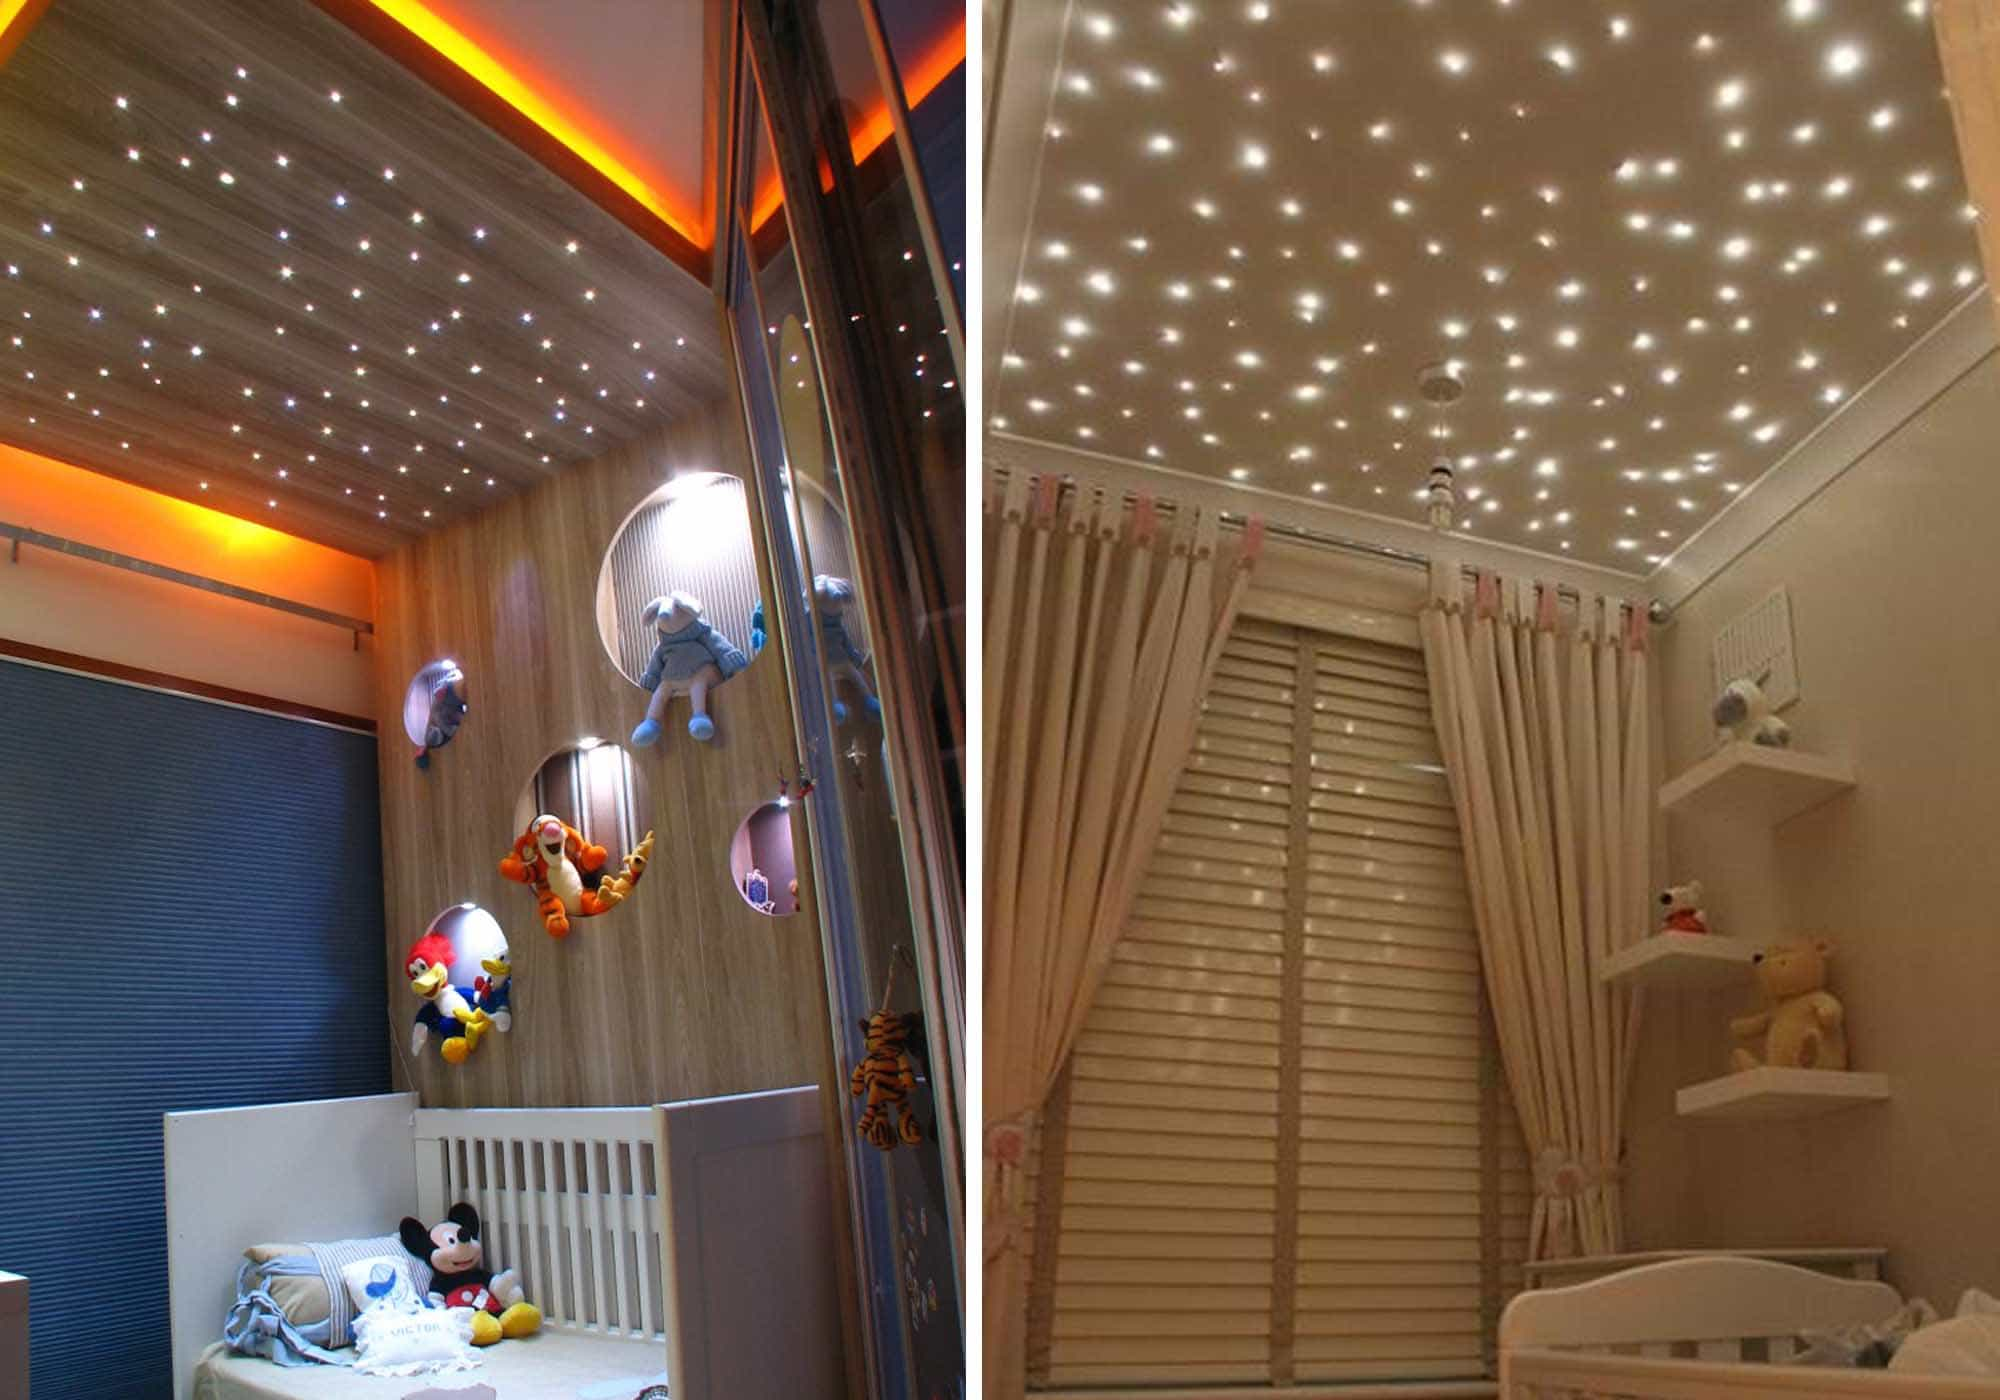 imagem de quarto infantil com céu estrelado